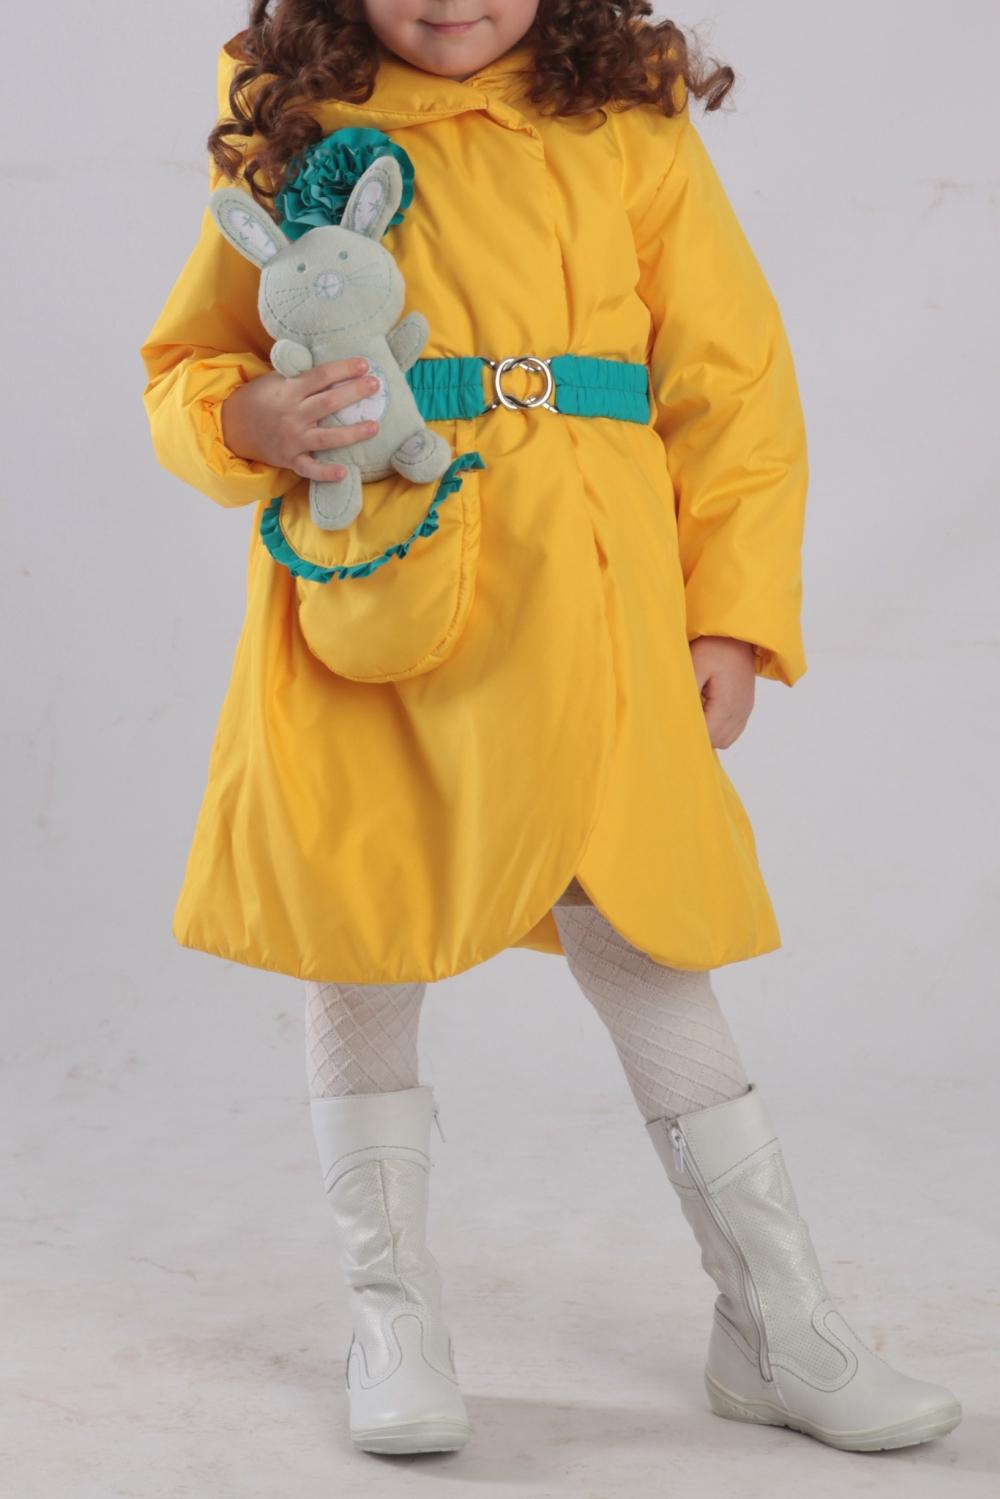 ПальтоВерхняя одежда<br>Пальто утеплённое для девочки с капюшоном и со съёмным эластичным ремнём. Карман — сумочка. Украшение цветок из отделочной ткани.  Верхняя ткань - полиэстер 100%  Подкладка - флис + капрон Утеплитель - синтепон  В изделии использованы цвета: желтый, зеленый  Размер 74 соответствует росту 70-73 см Размер 80 соответствует росту 74-80 см Размер 86 соответствует росту 81-86 см Размер 92 соответствует росту 87-92 см Размер 98 соответствует росту 93-98 см Размер 104 соответствует росту 98-104 см Размер 110 соответствует росту 105-110 см Размер 116 соответствует росту 111-116 см Размер 122 соответствует росту 117-122 см Размер 128 соответствует росту 123-128 см Размер 134 соответствует росту 129-134 см Размер 140 соответствует росту 135-140 см<br><br>По возрасту: Ясельные ( от 1 до 3 лет),Дошкольные ( от 3 до 7 лет),Школьные ( от 7 до 13 лет)<br>По длине: Миди<br>По материалу: Синтепон,Тканевые,Флис<br>По образу: Повседневные<br>По рисунку: Однотонные<br>По стилю: Теплые<br>По элементам: С декором,С карманами,С утеплителем<br>Рукав: Длинный рукав<br>По сезону: Осень,Весна<br>Размер : 104,110,116,122,128<br>Материал: Болонья<br>Количество в наличии: 5